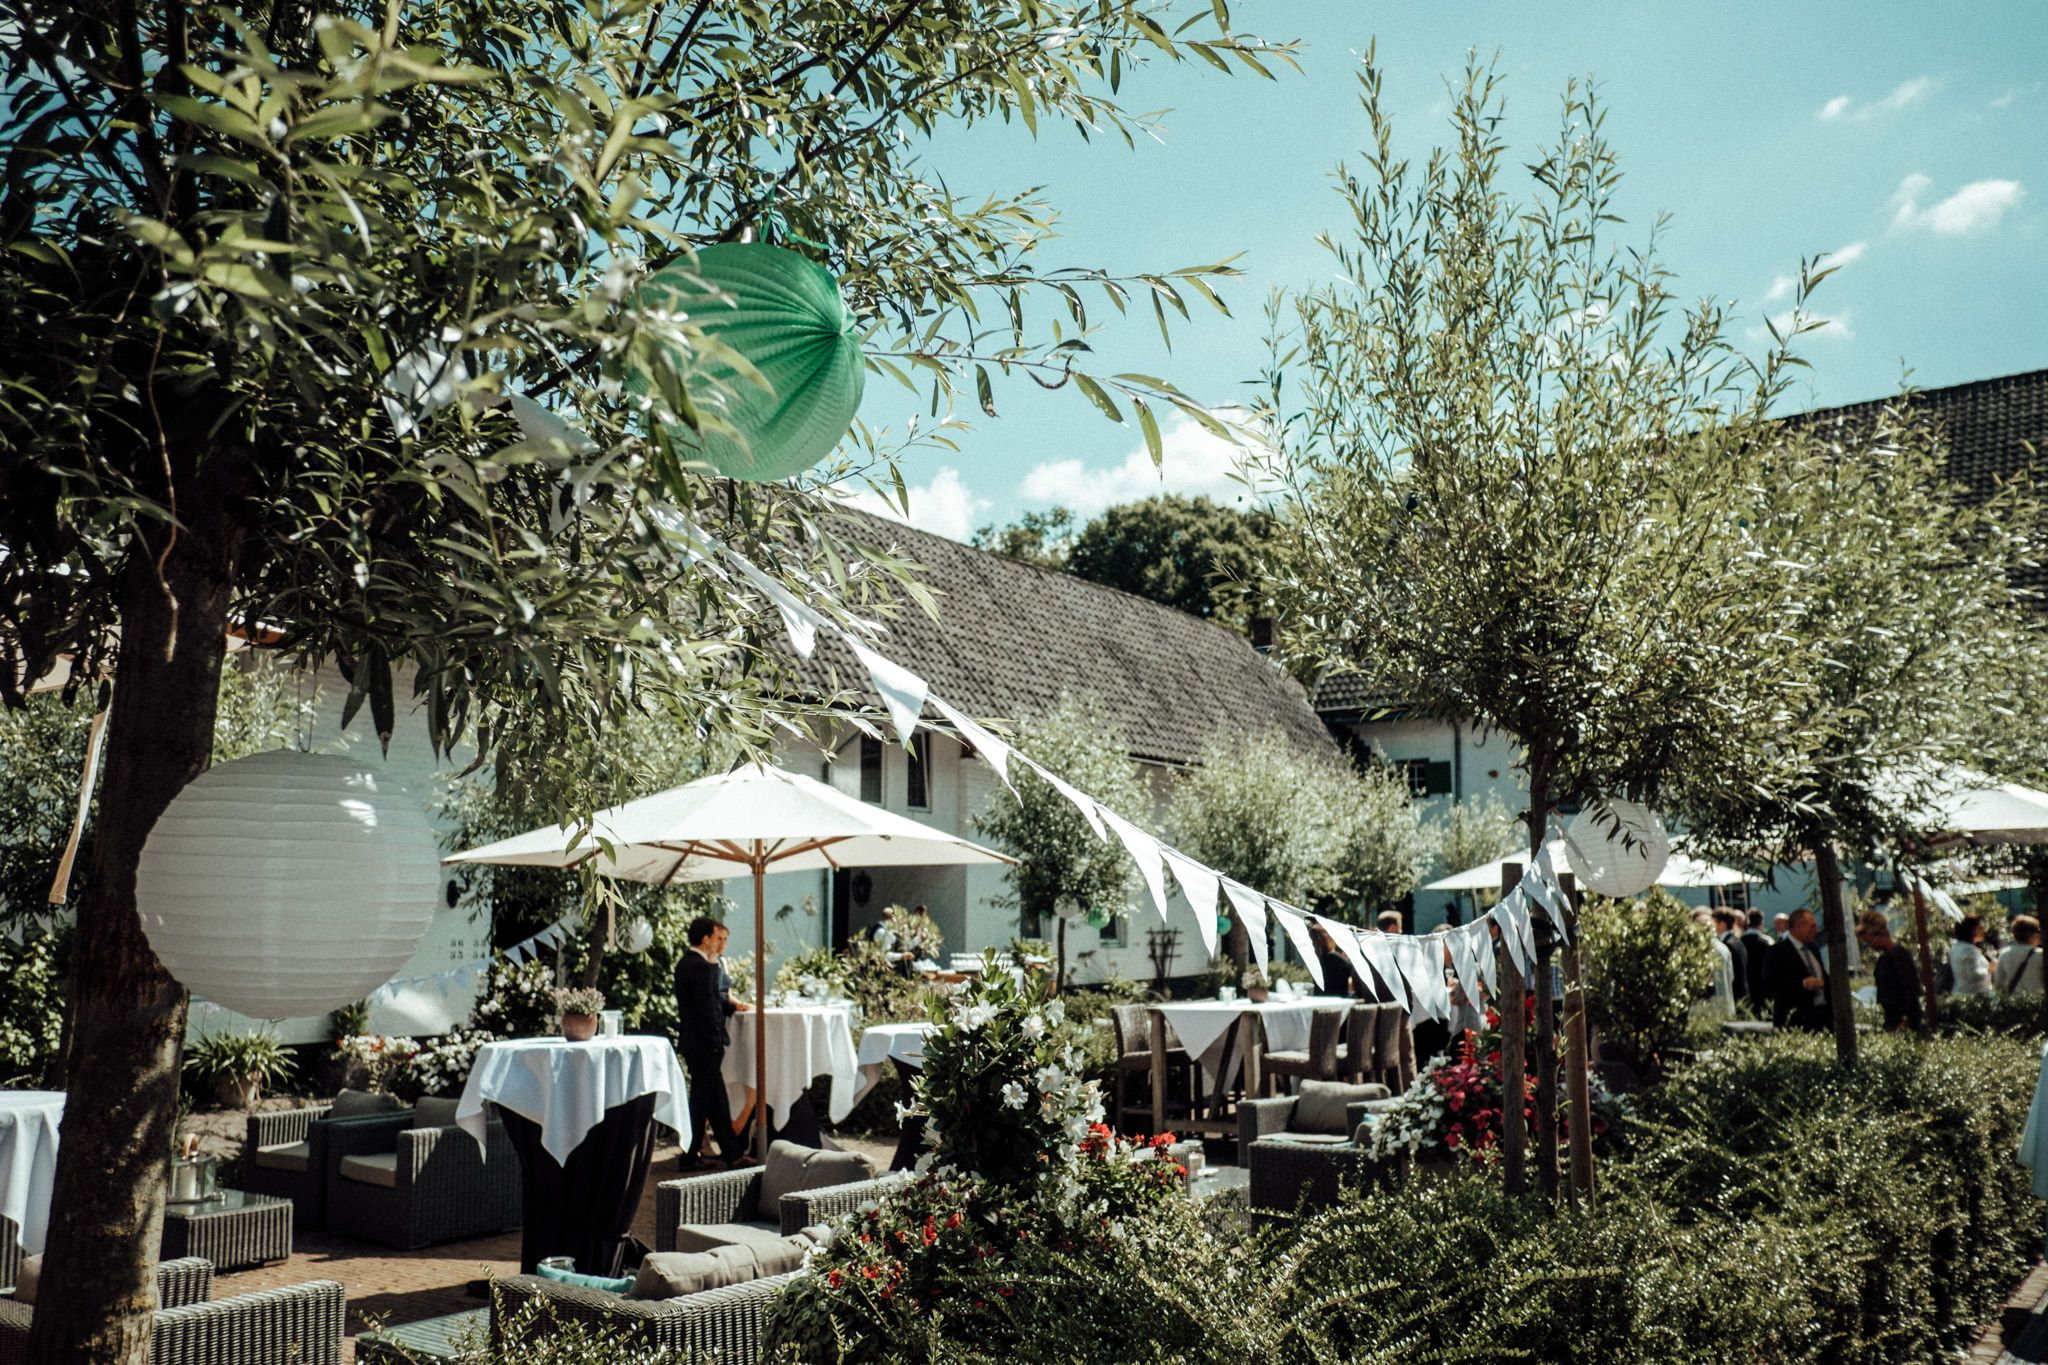 Hochzeit Feiern In Einer Rustikalen Alten Scheune In Der Euregio Boho Inspirierte Sommerhochzeit In Nrw Hochzeit Location Hochzeit Hochzeitslocation